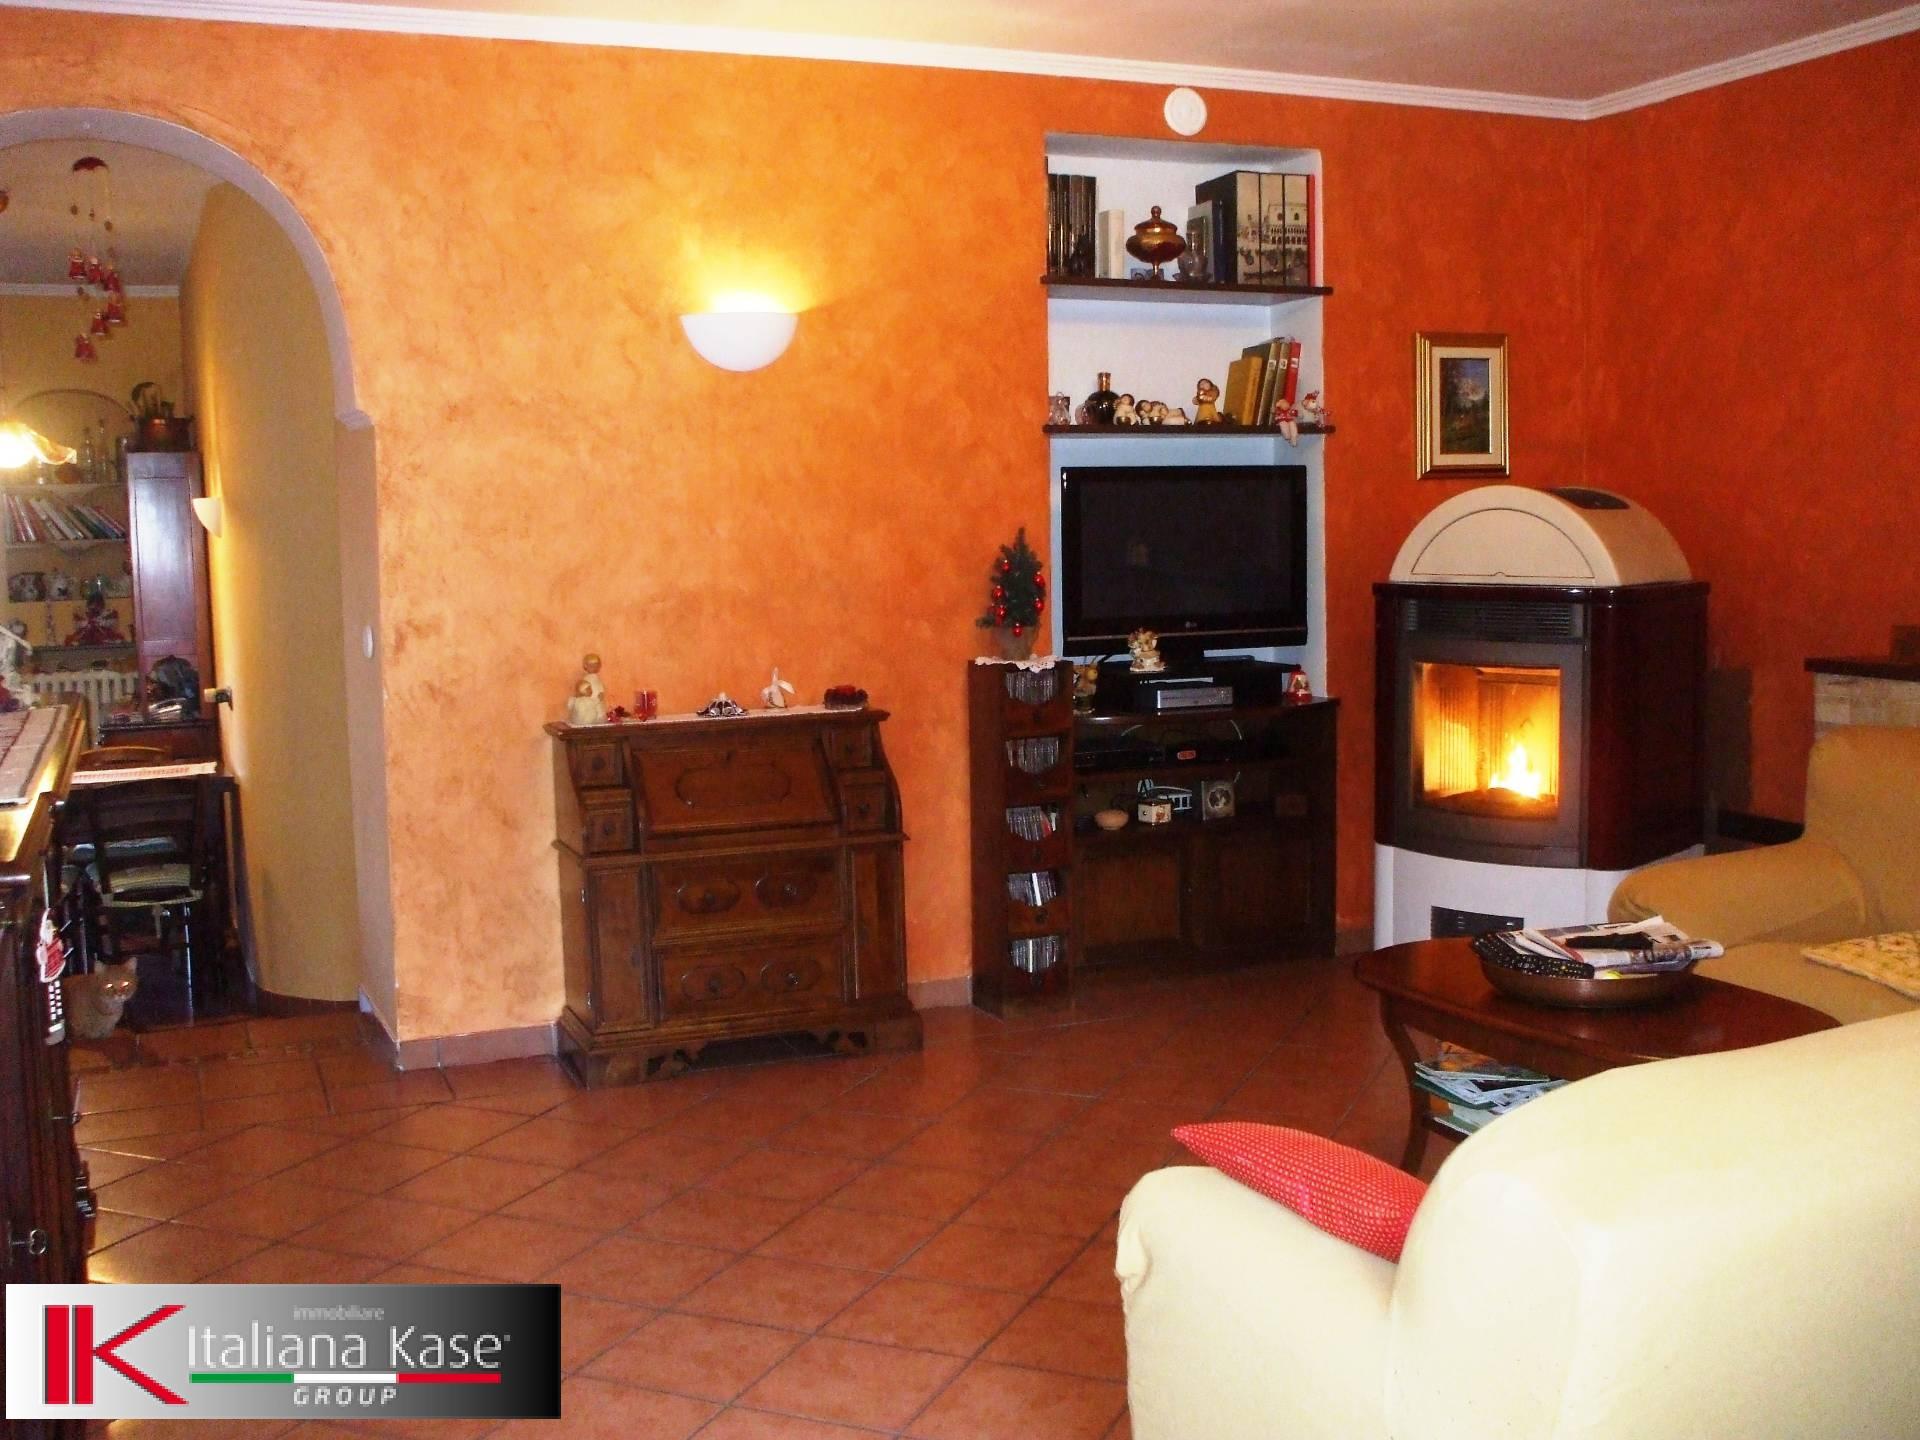 Appartamento in vendita a Castiglione Torinese, 4 locali, prezzo € 199.000 | CambioCasa.it